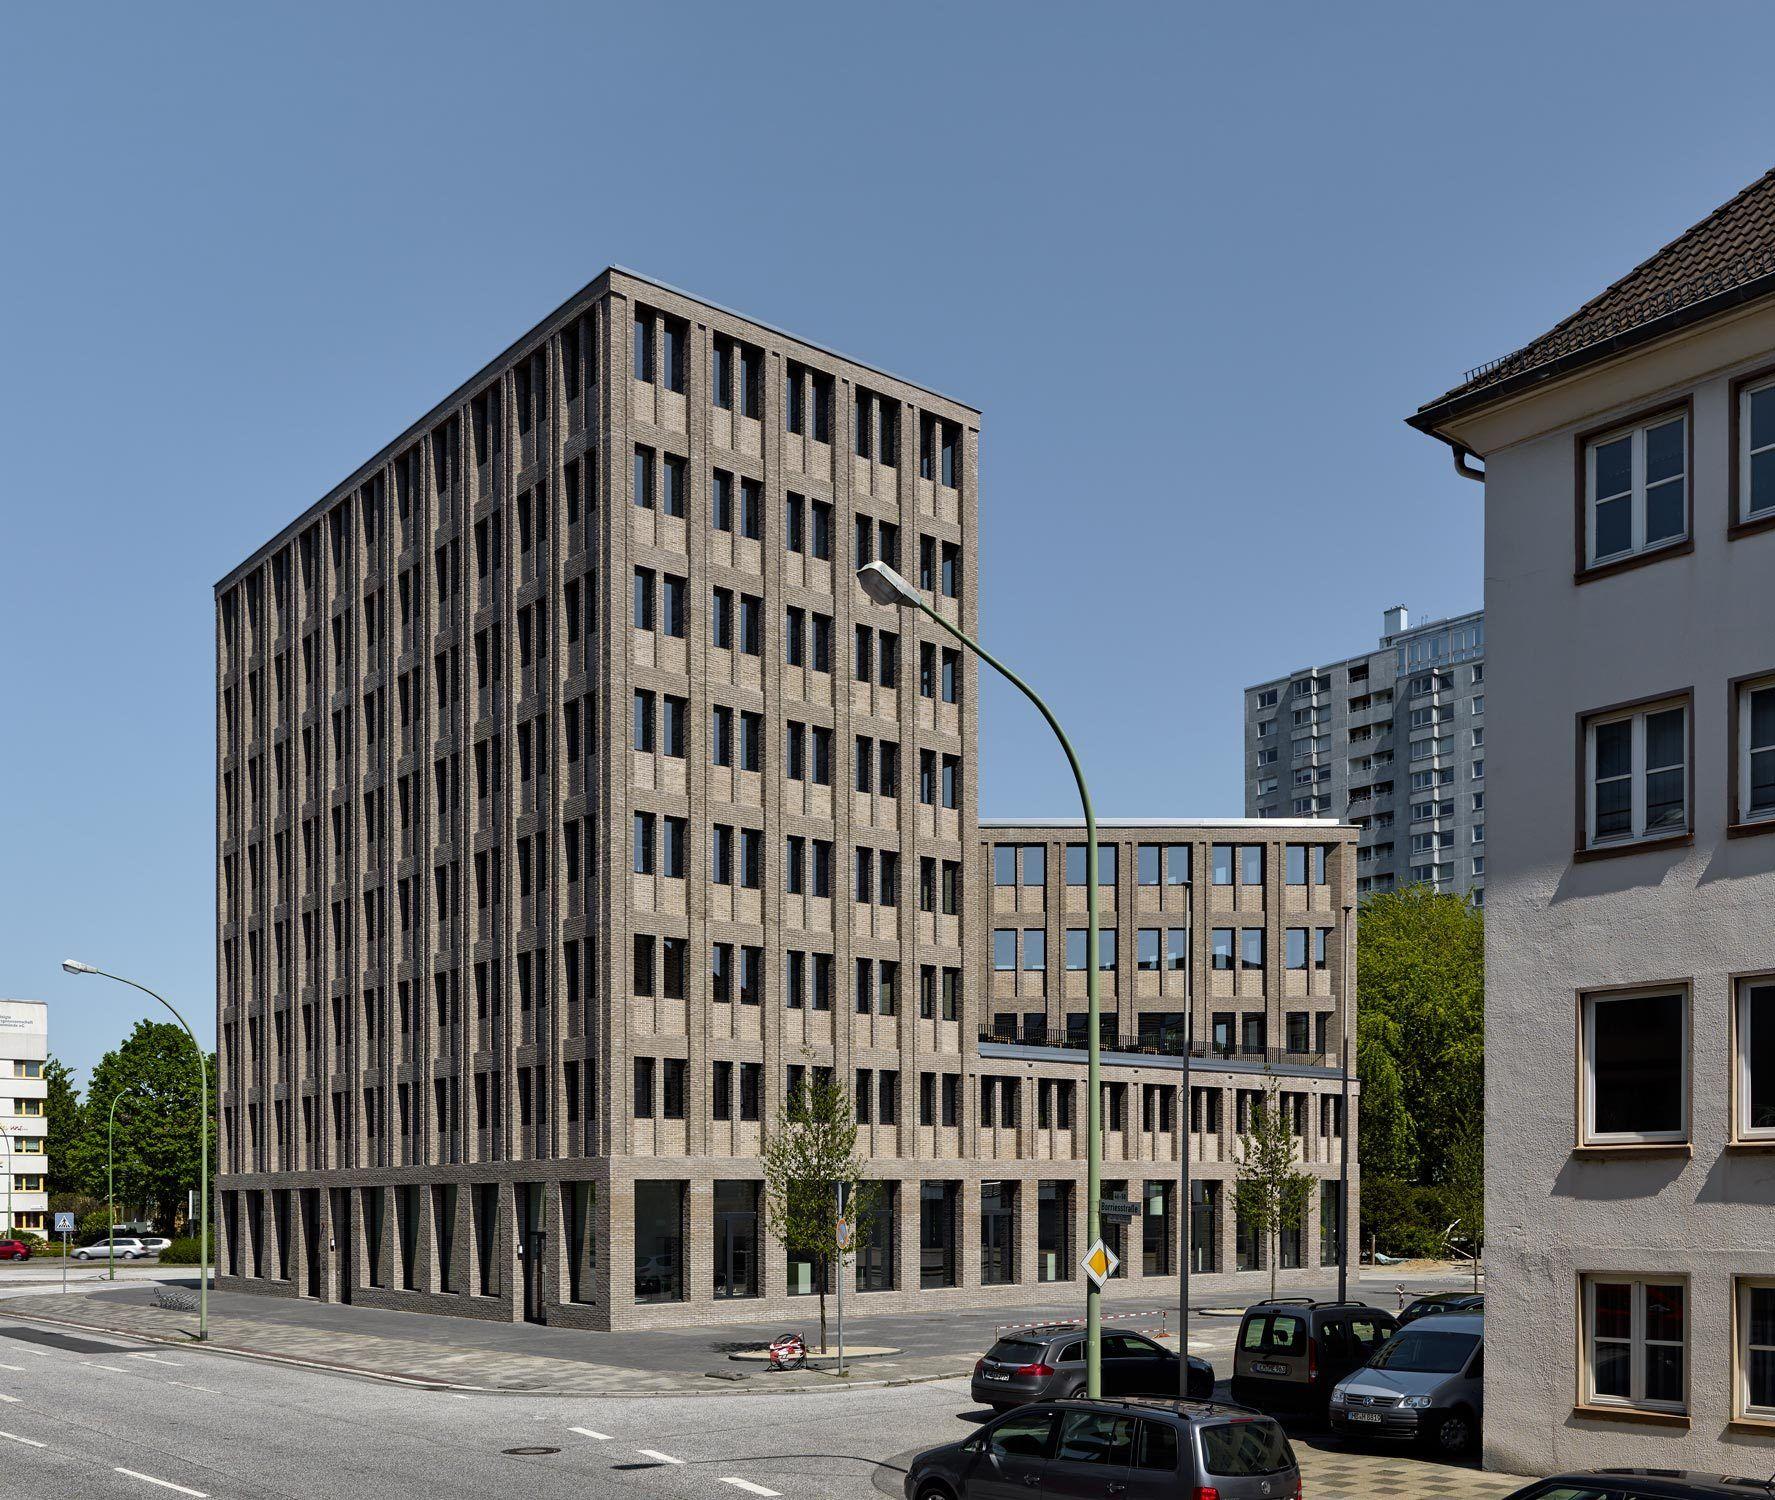 Träger Backstein - Über Max Dudlers AOK-Neubau in Bremerhaven ...